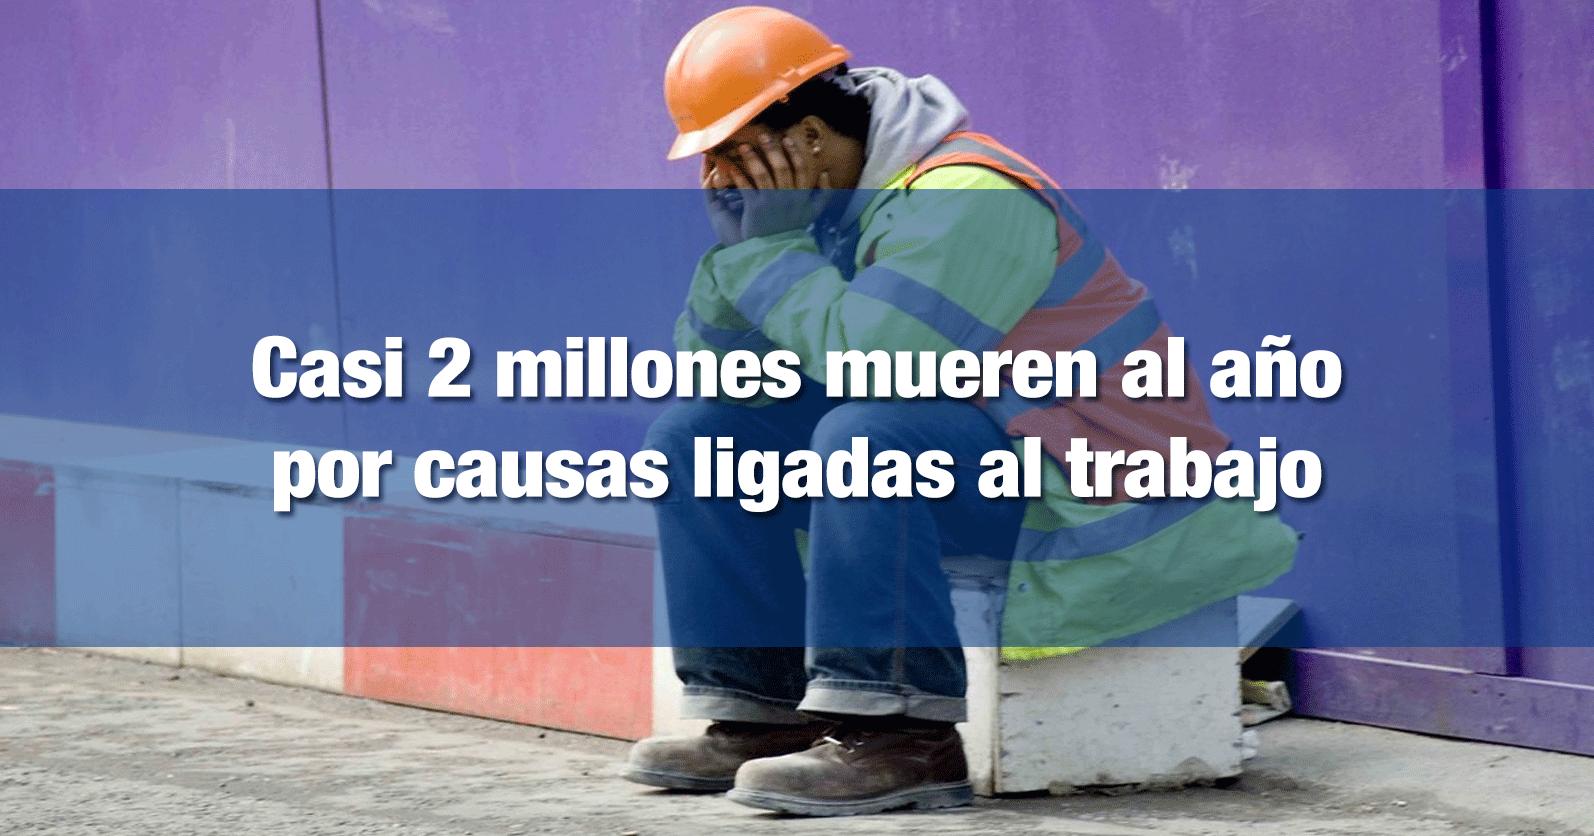 Casi 2 millones mueren al año por causas ligadas al trabajo